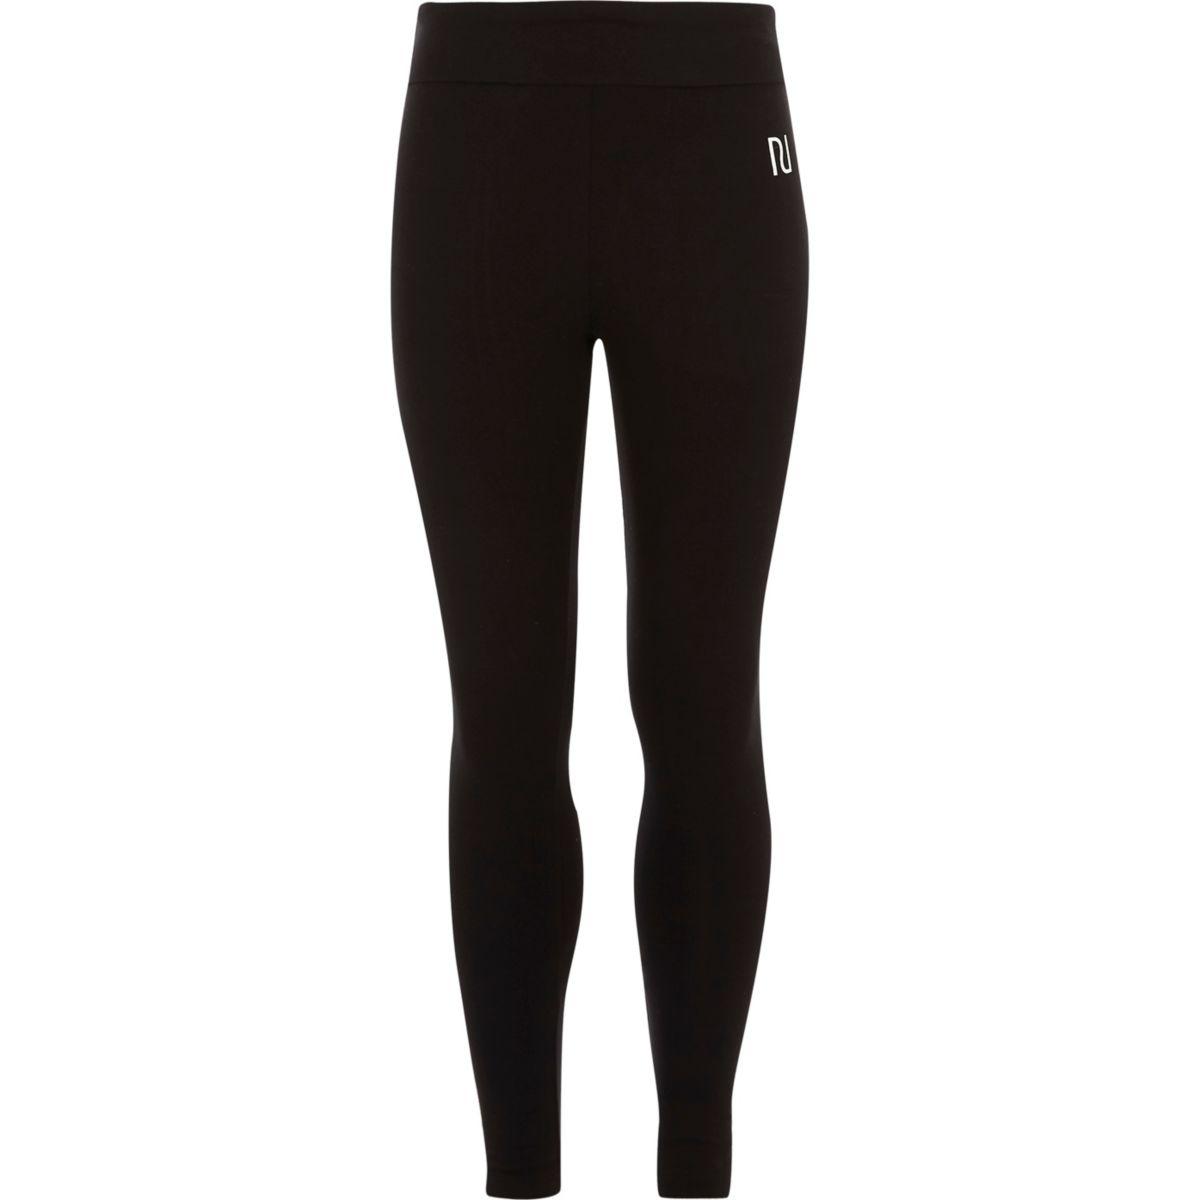 Girls black RI branded fold over leggings